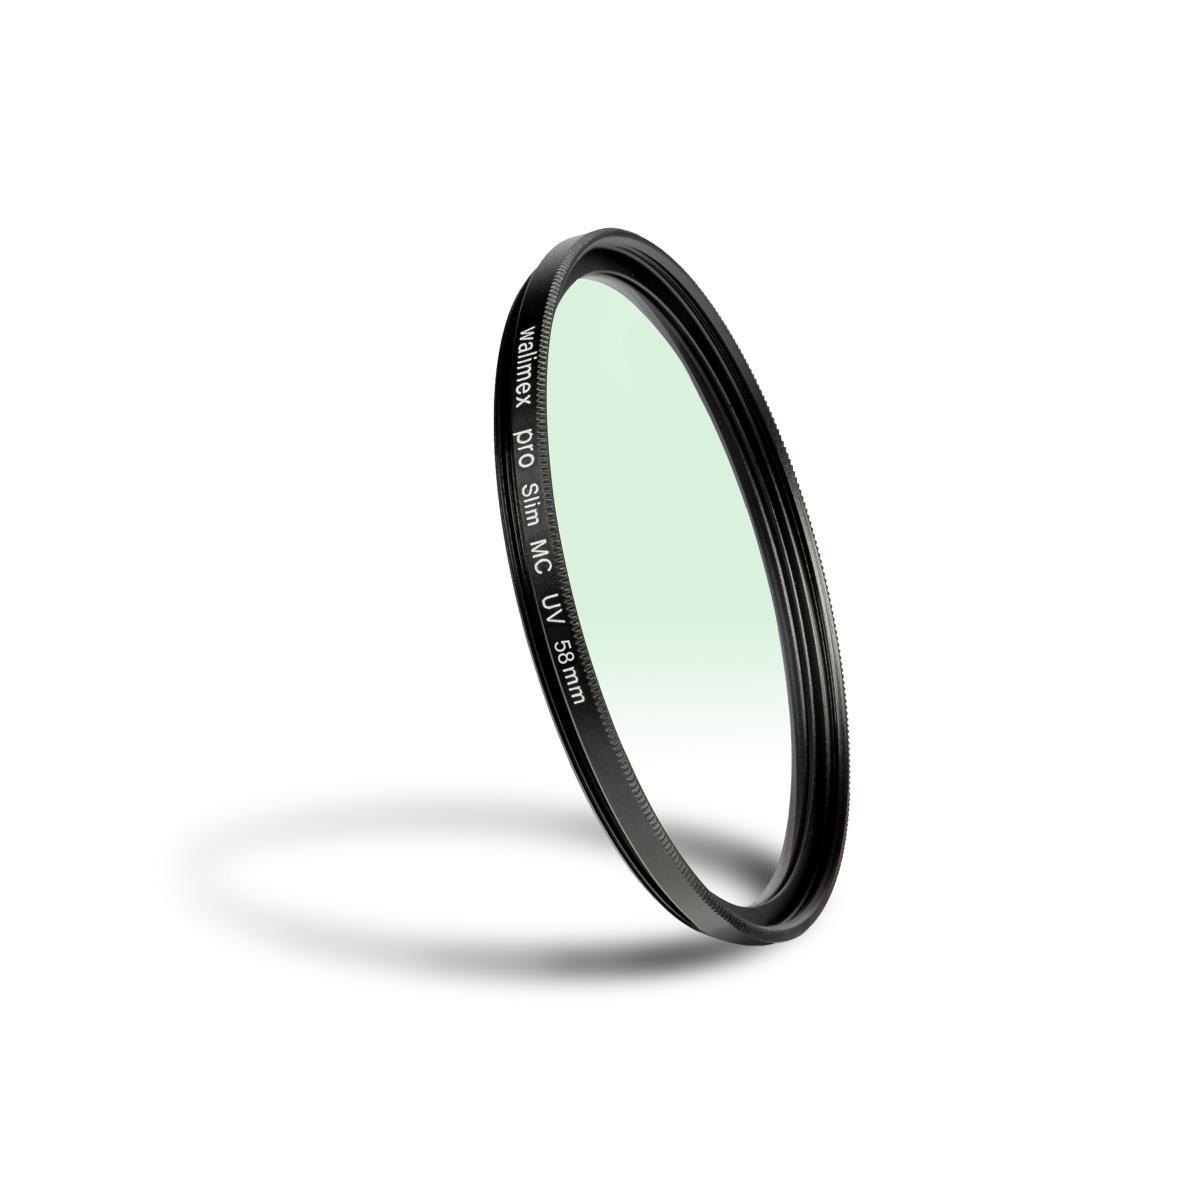 Walimex pro UV-Filter slim MC 58mm